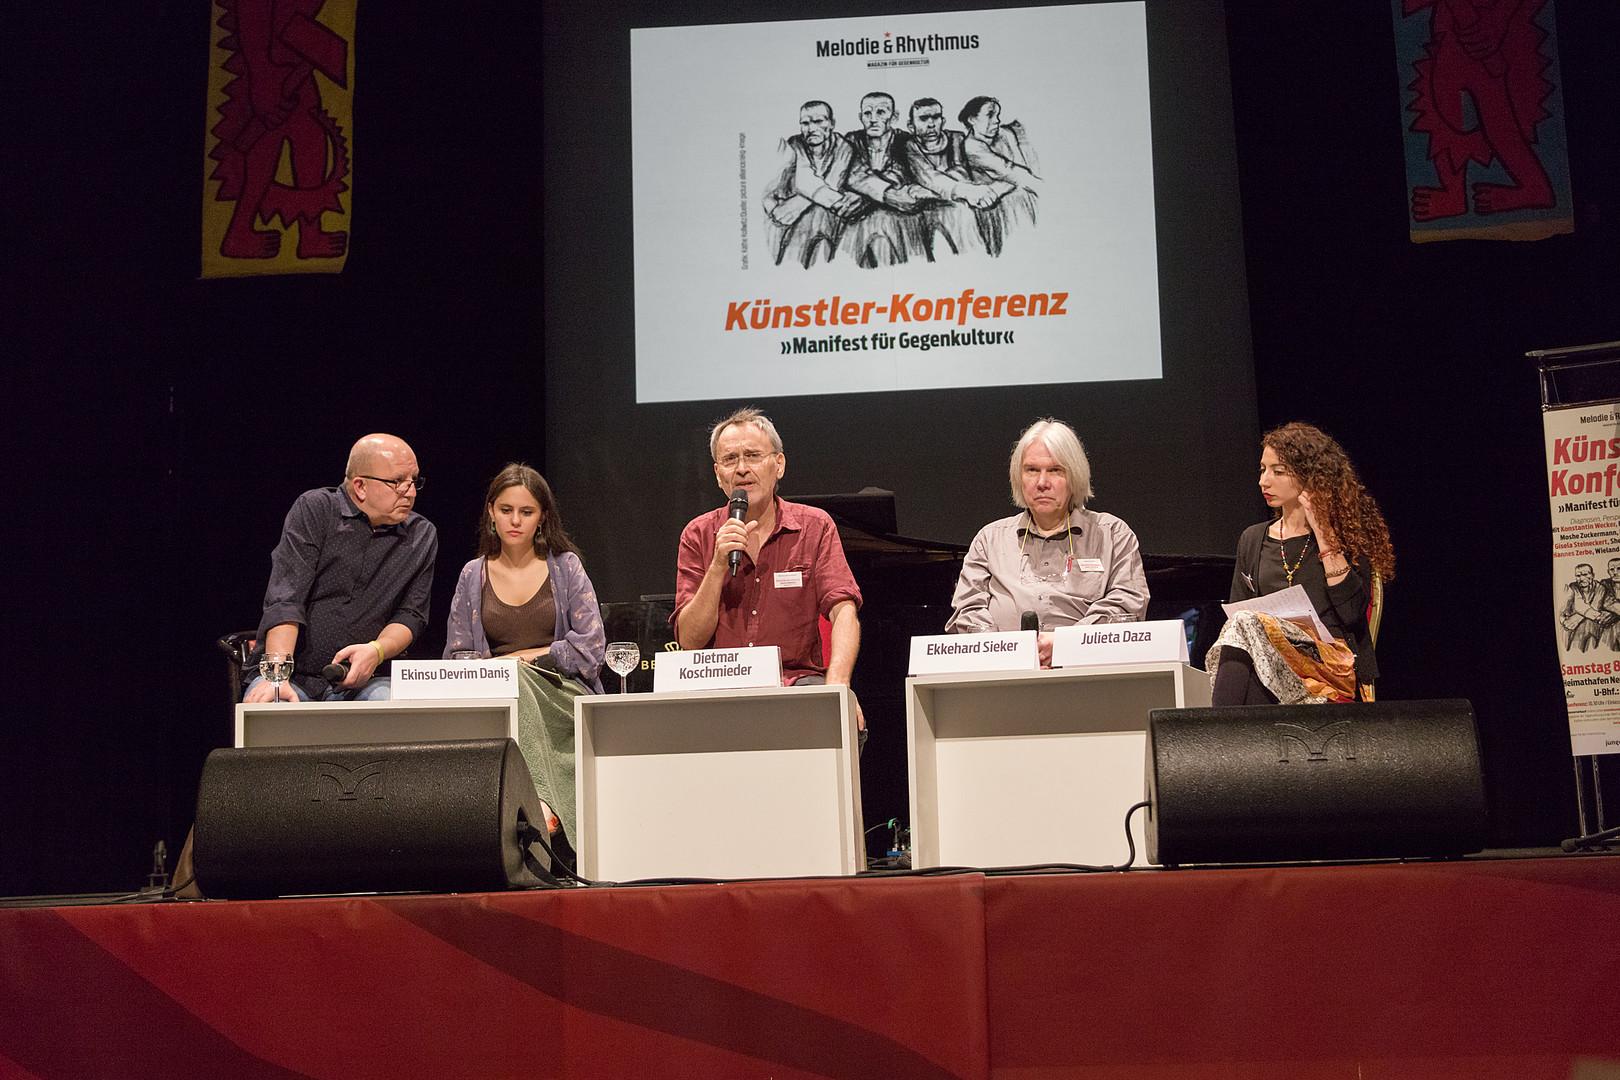 Künstlerkonferenz von Melodie & Rhythmus: Über Zeiten, in denen man nicht nur Schauspieler sein darf